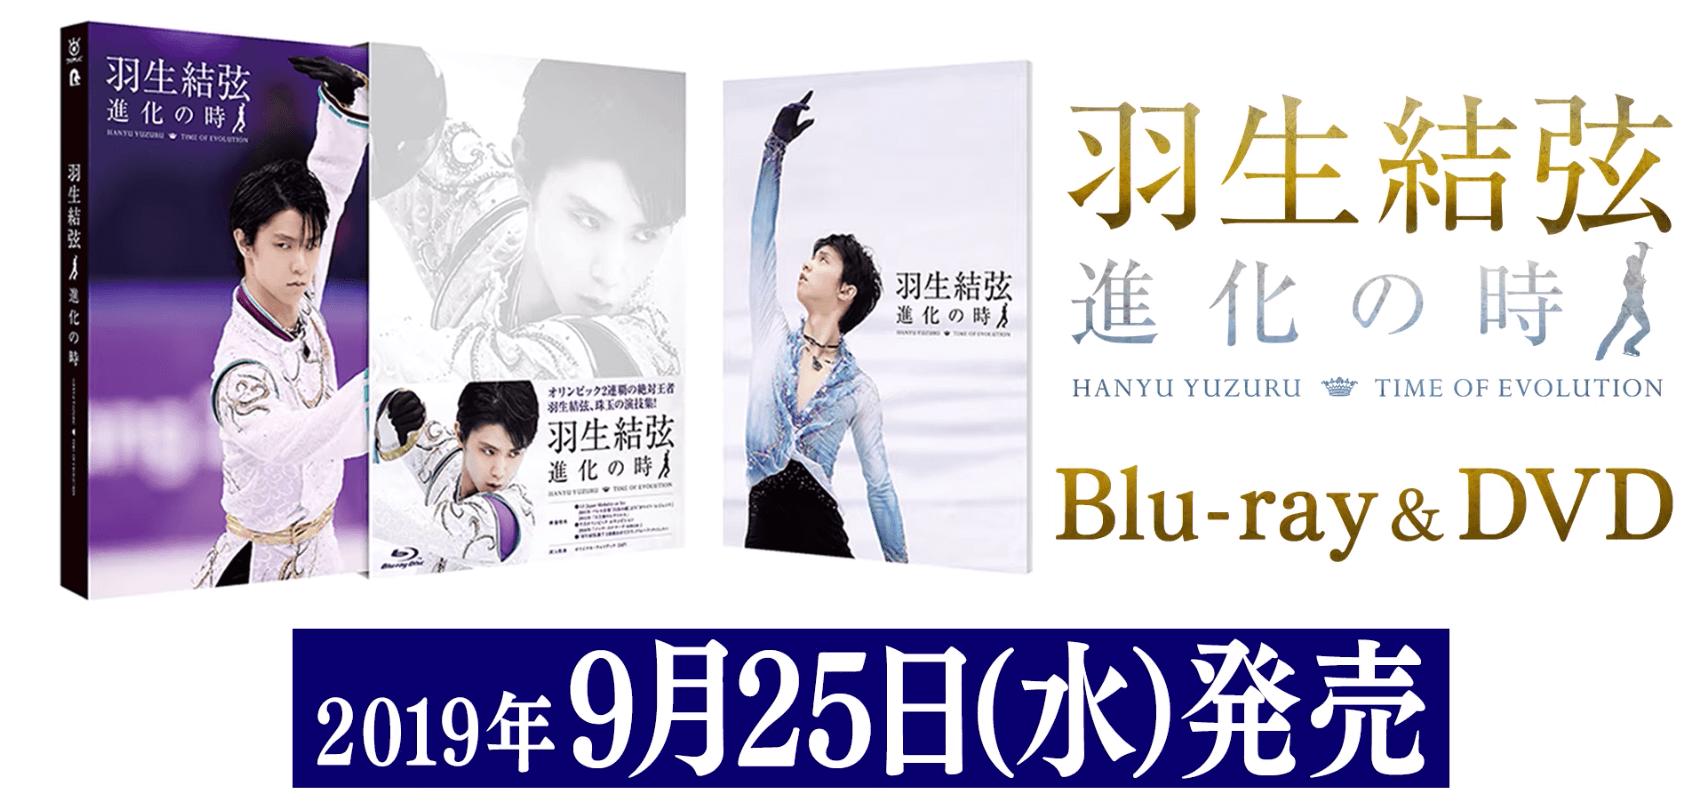 羽生結弦「進化の時」Blu-ray&DVD 2019年9月25日発売決定!!